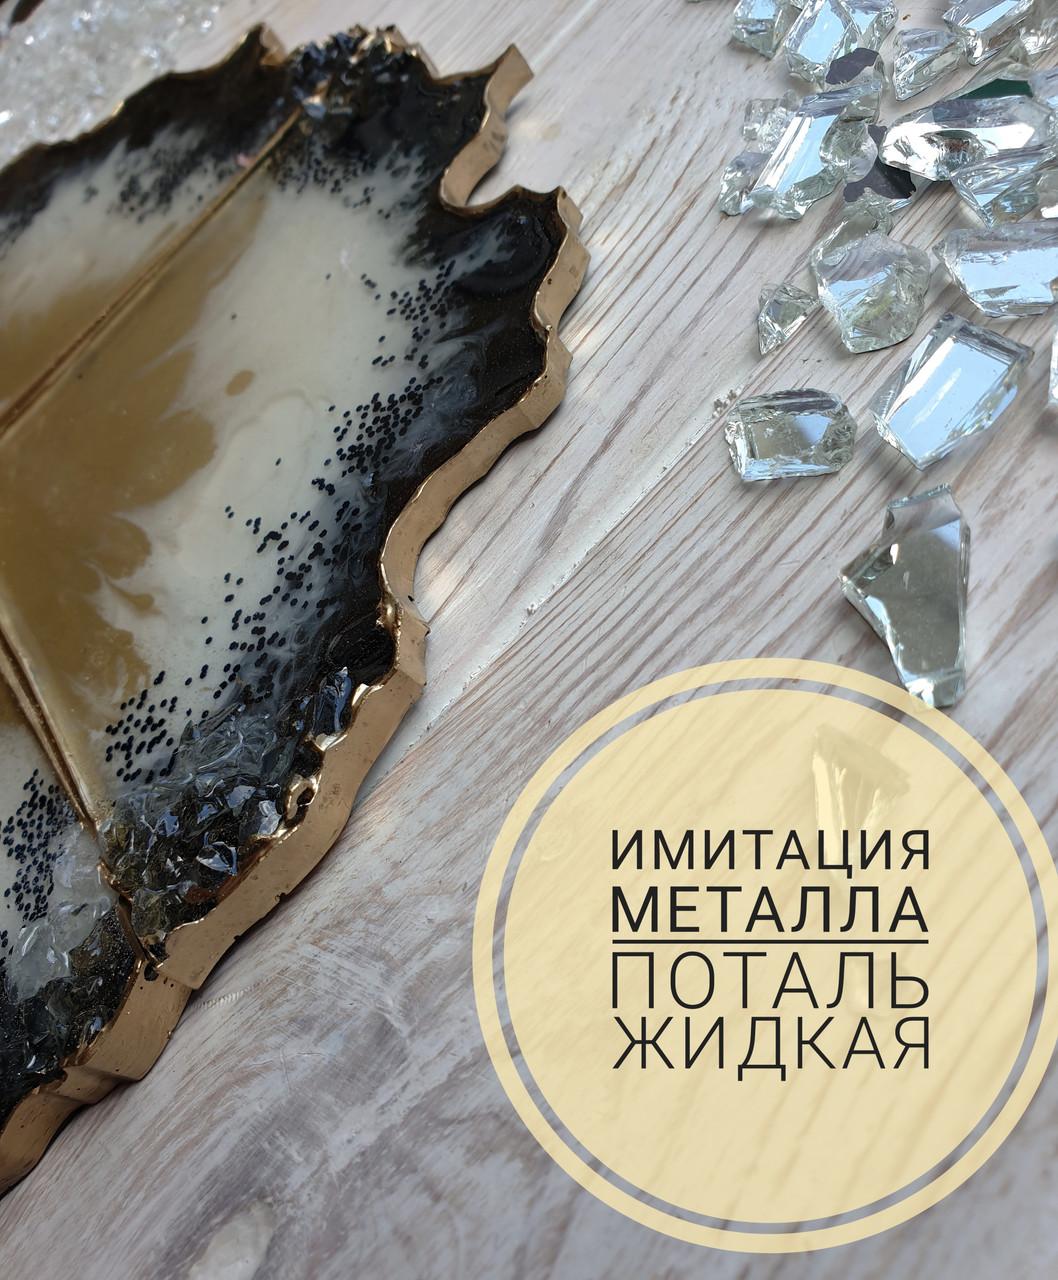 """Хромированная жидкая поталь (Германия) имитация жидкого металла для эффектов в декоре.""""Классическое золото"""""""